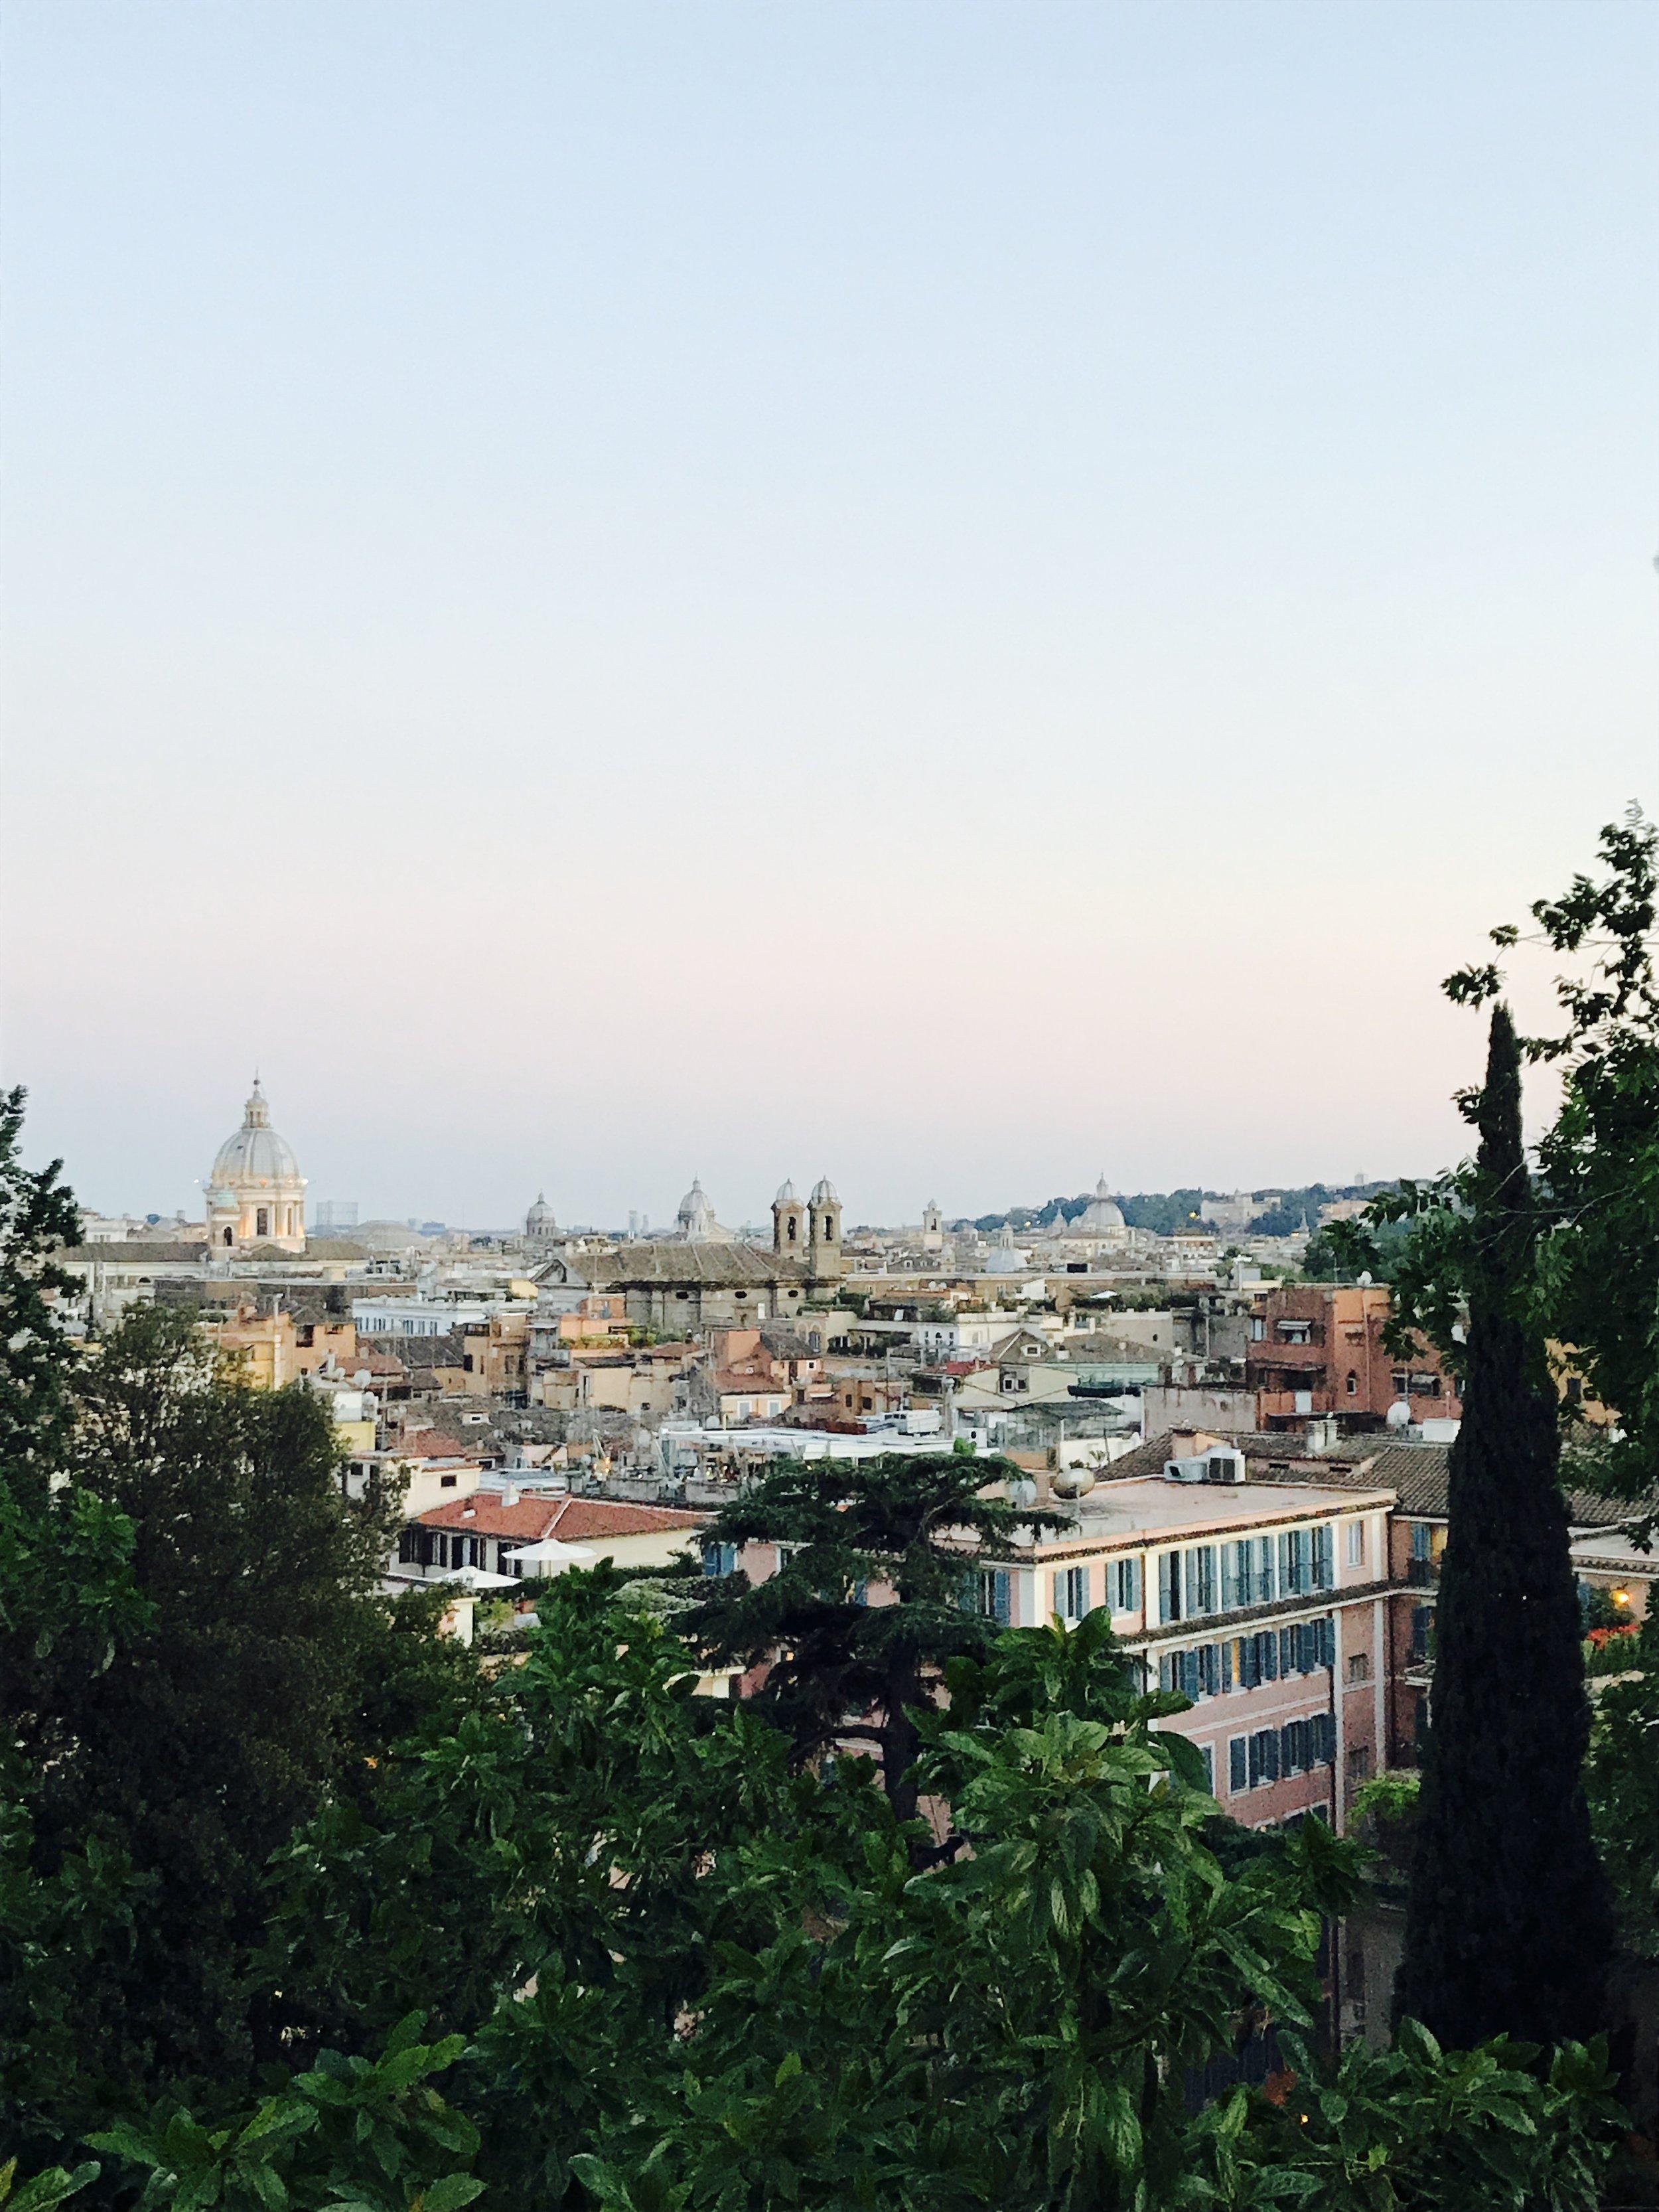 Scenic view near the edge of Villa Borghese